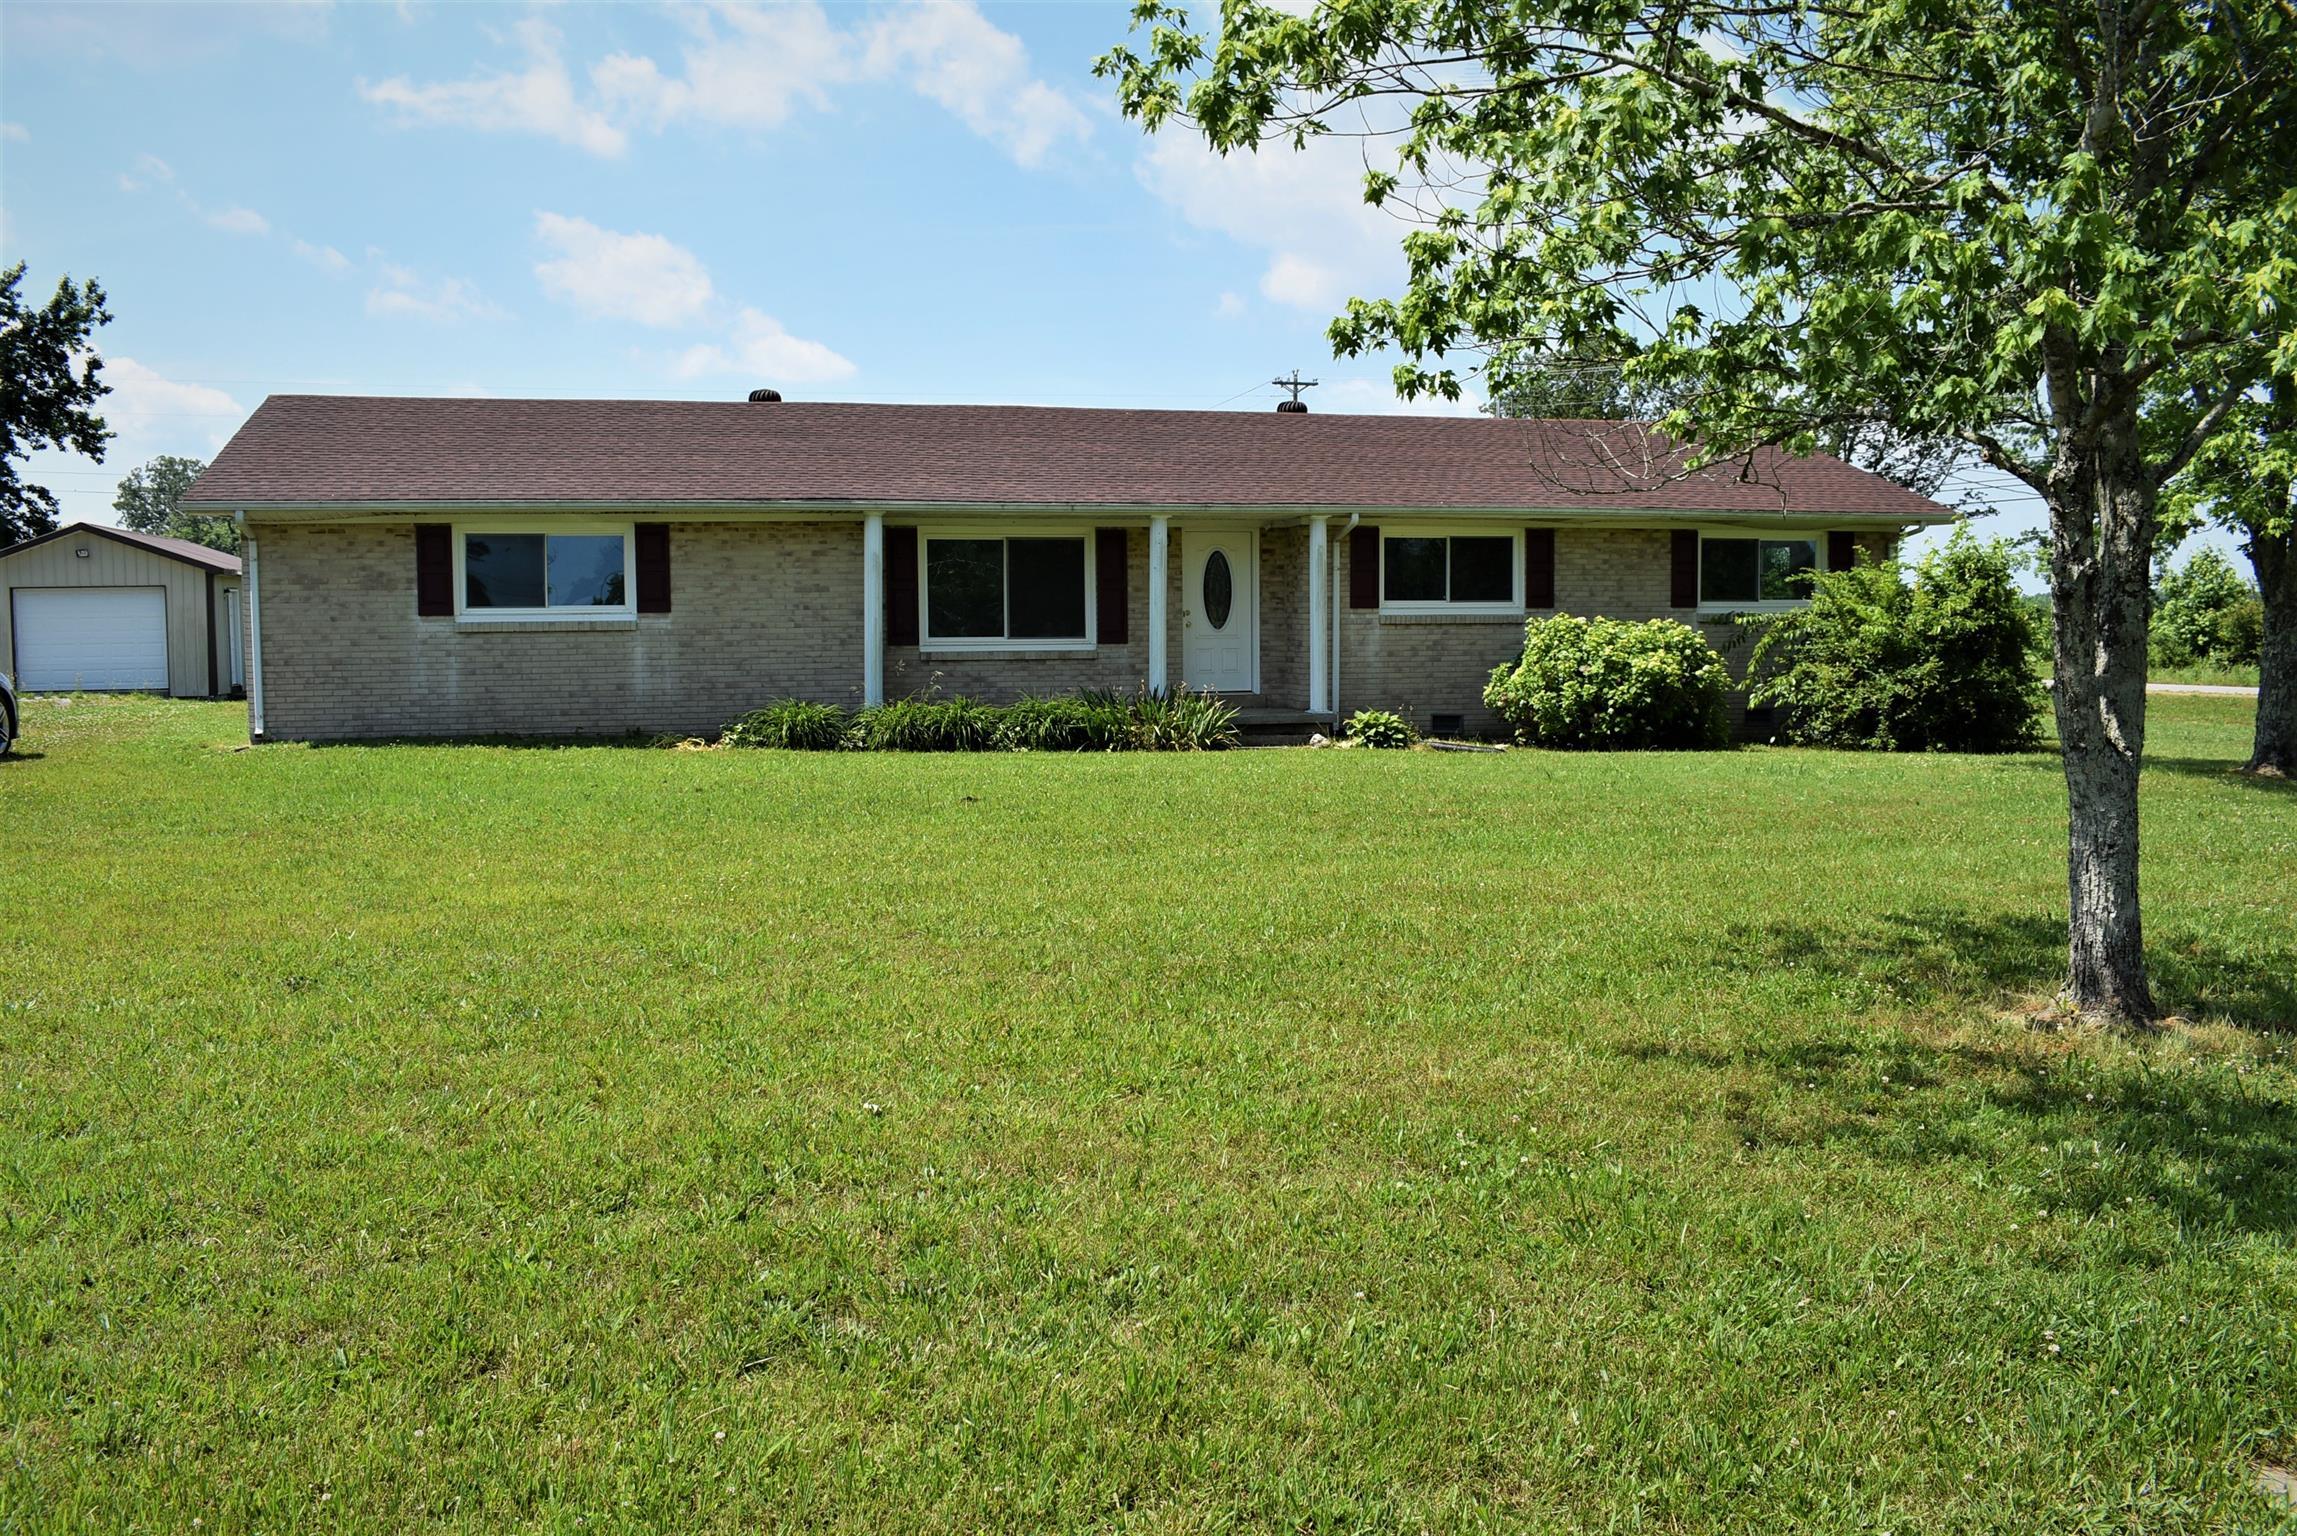 118 Horseshoe Bend Rd, Leoma, TN 38468 - Leoma, TN real estate listing